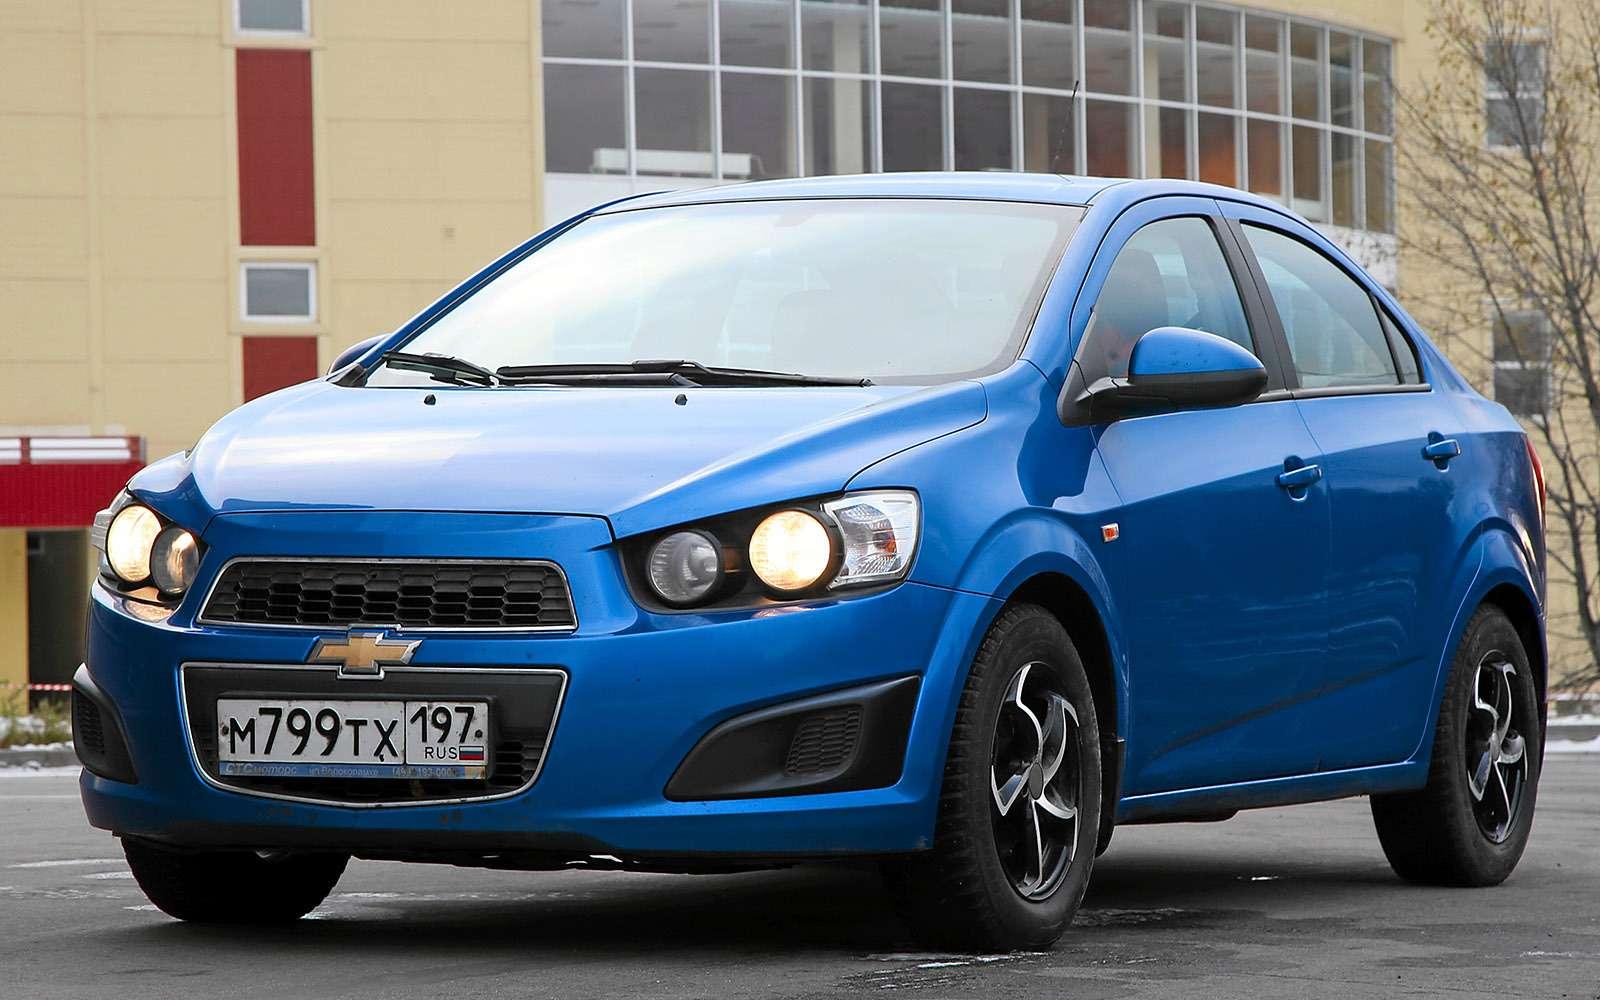 Chevrolet Aveo изпарка ЗР: цена ошибки— фото 691827